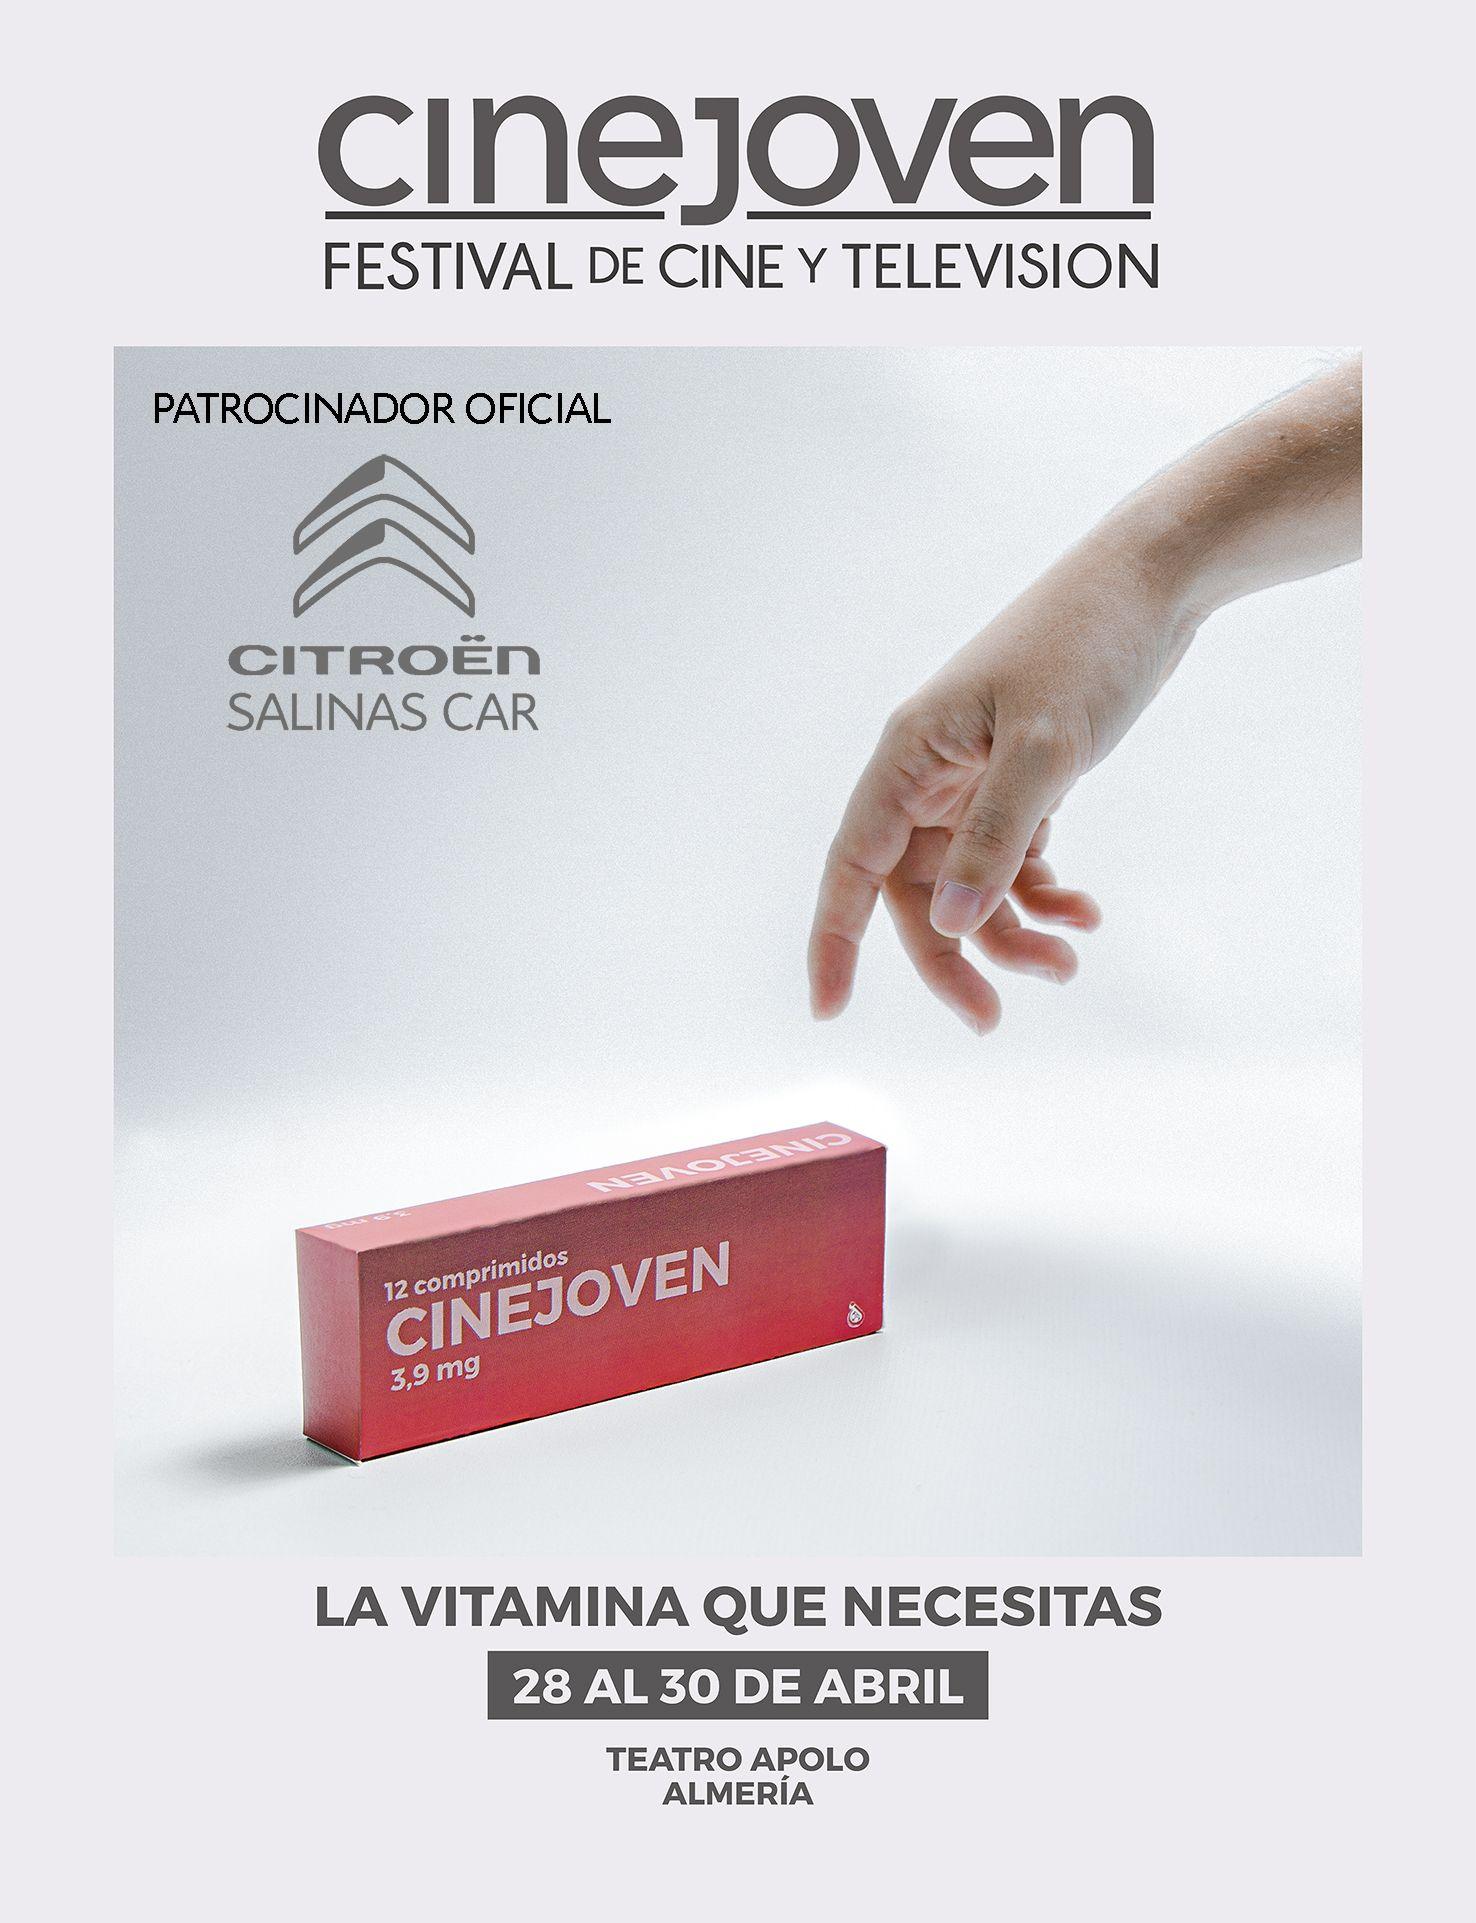 Citroën Salinas Car formará parte de la VII edición del Festival de Cine y Televisión Cinejoven